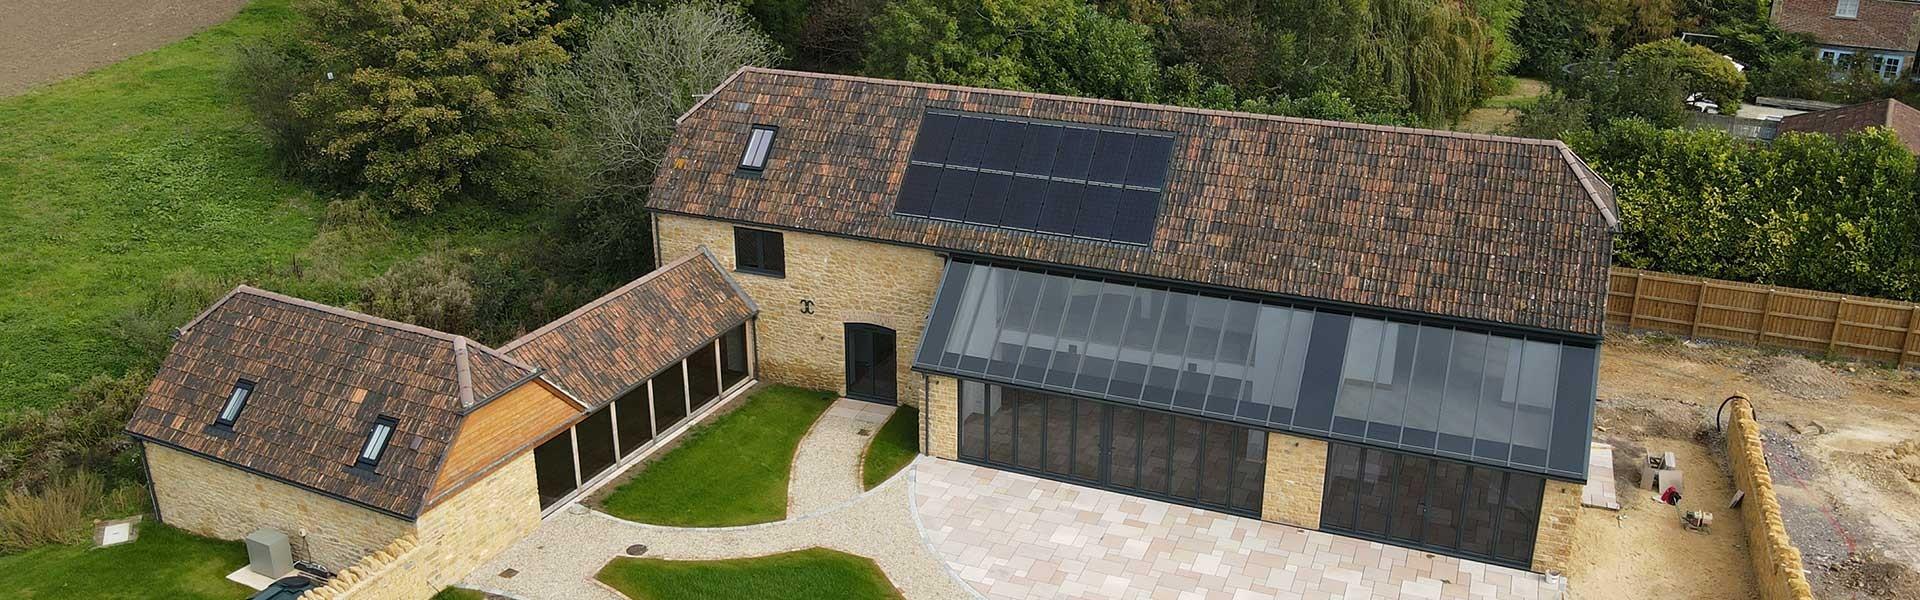 Manor Farm Barn, Blackford, Somerset -Sold 2020